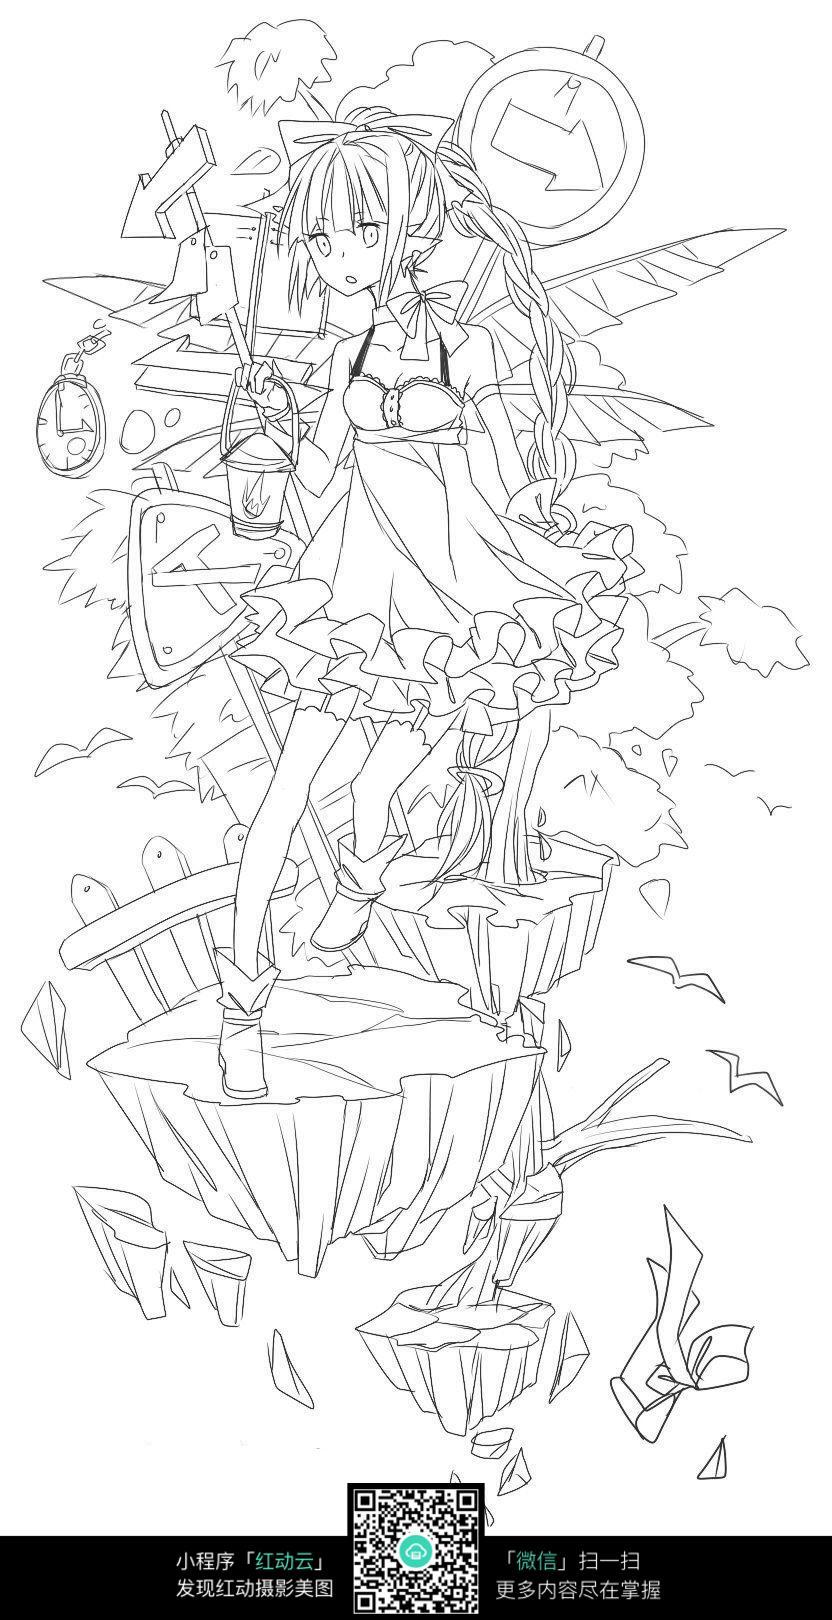 卡通可爱女孩线描_人物卡通图片